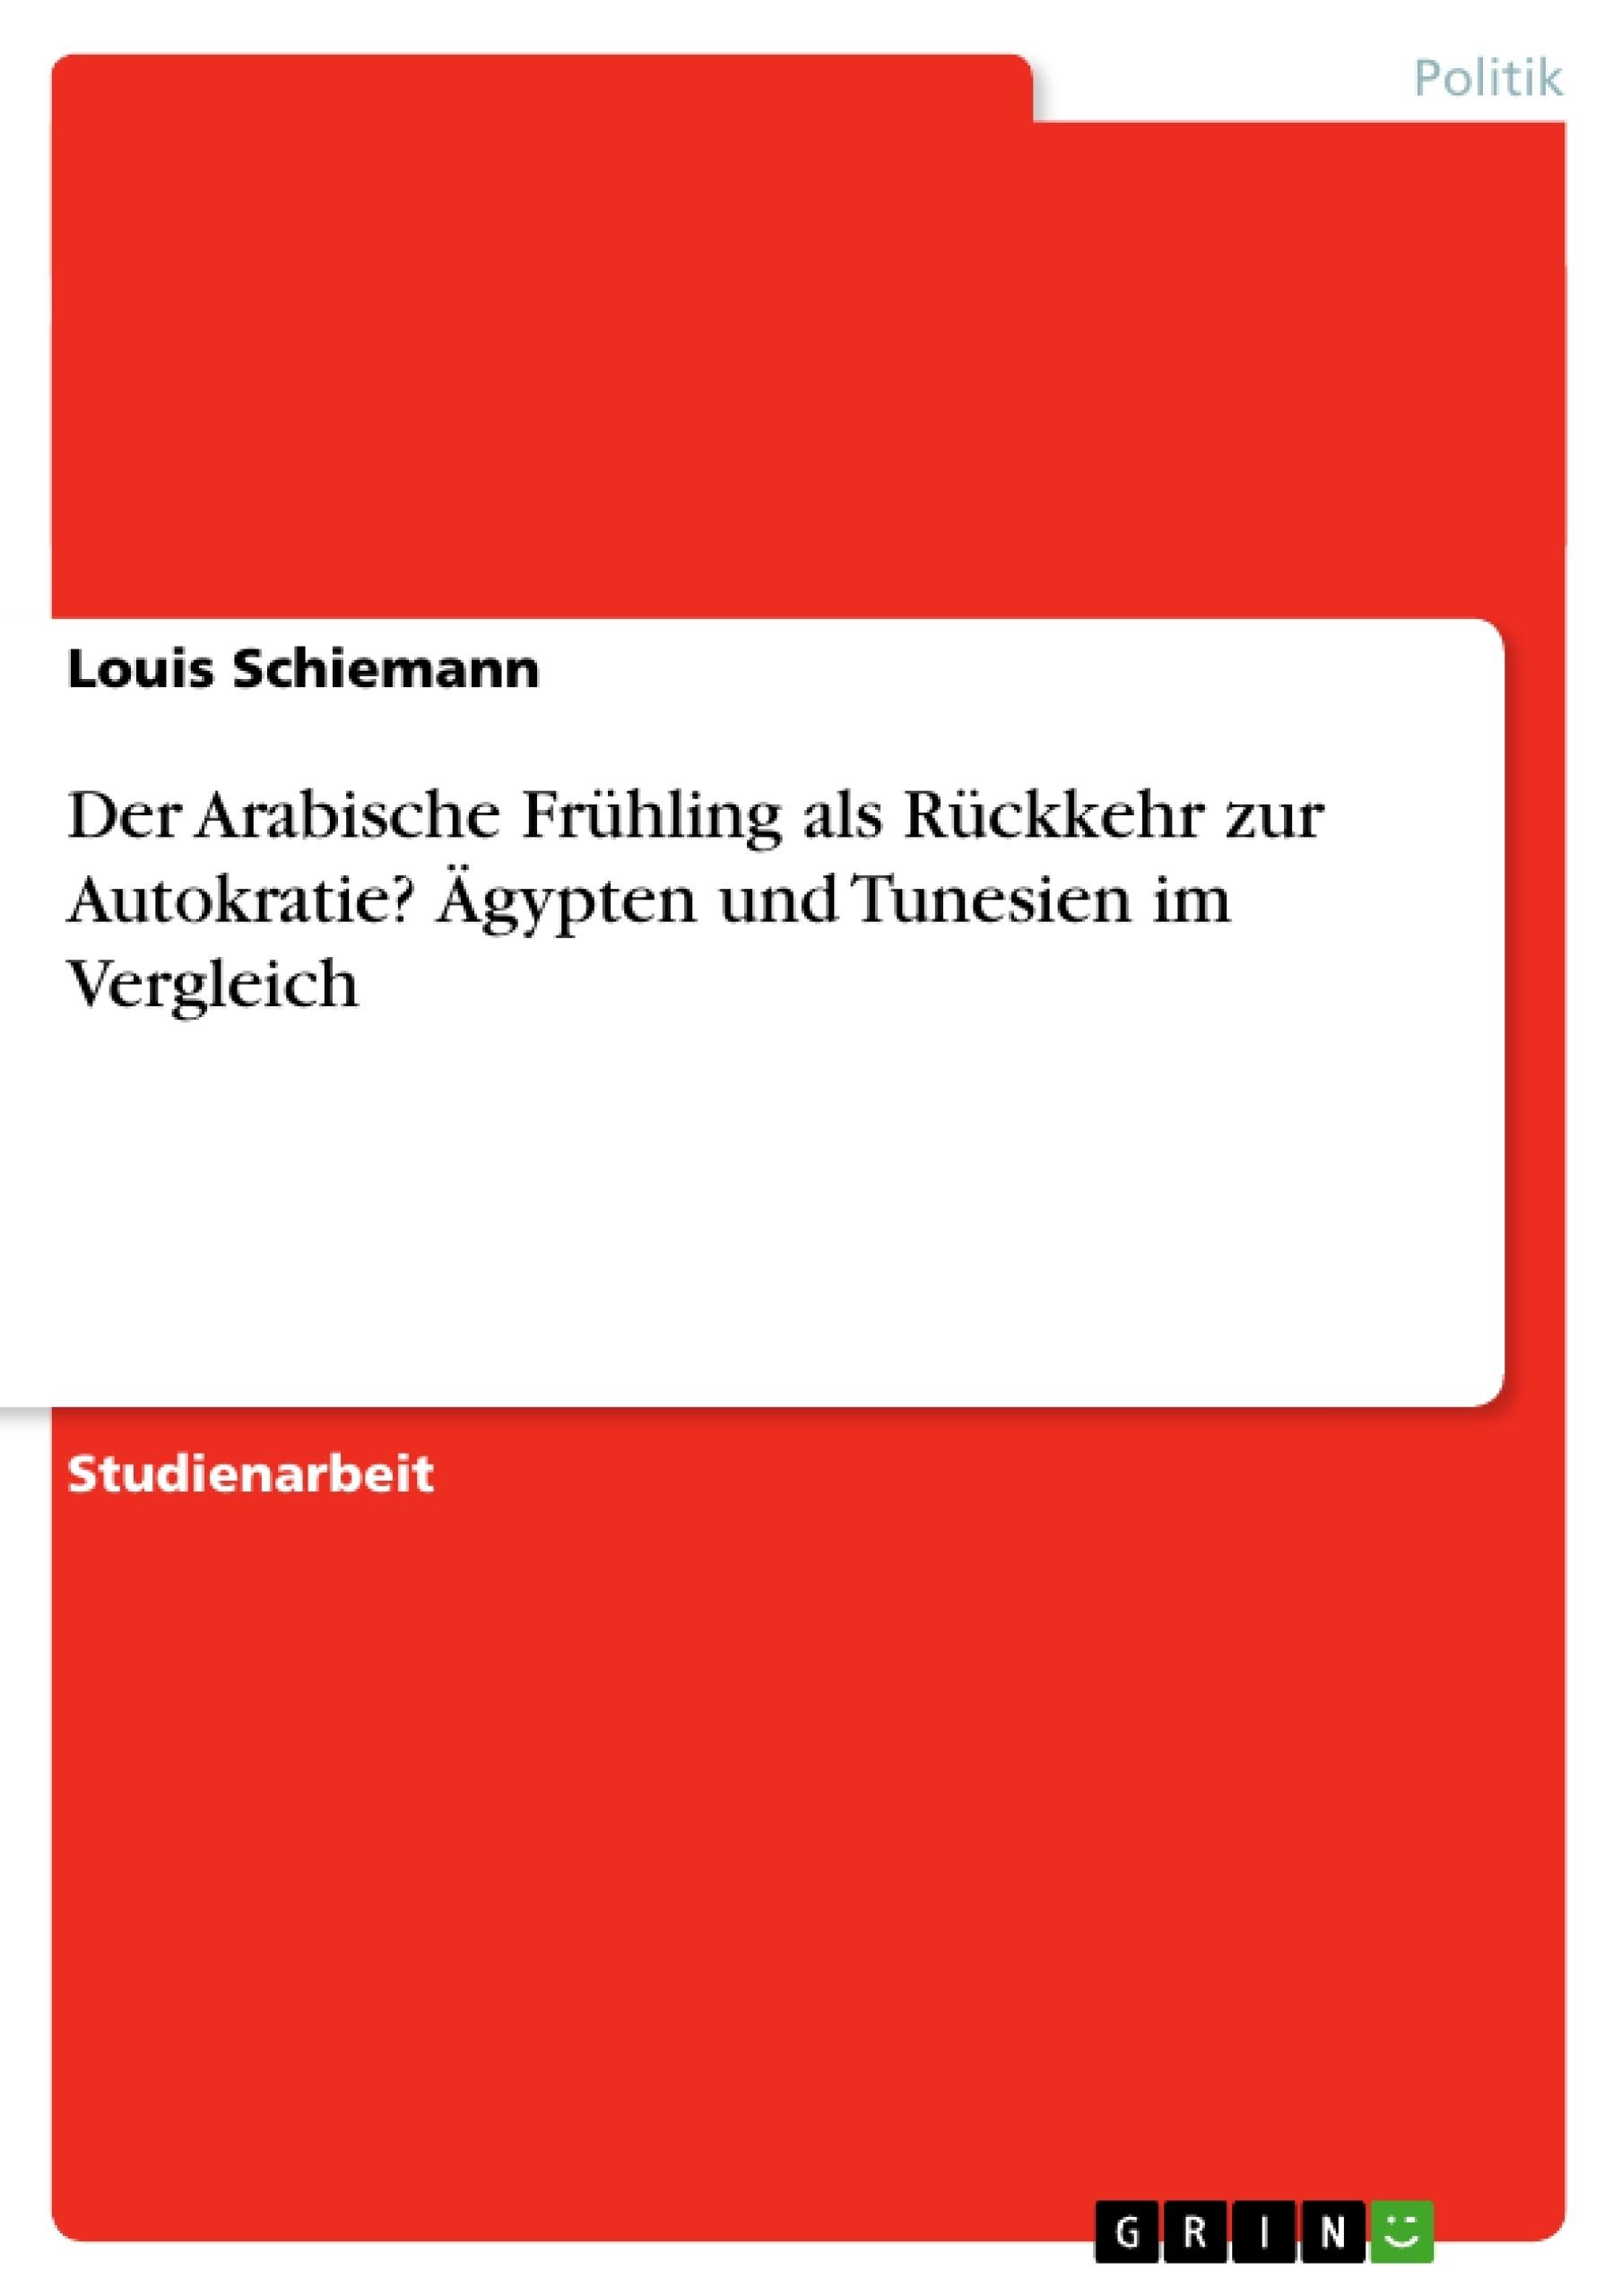 Titel: Der Arabische Frühling als Rückkehr zur Autokratie? Ägypten und Tunesien im Vergleich